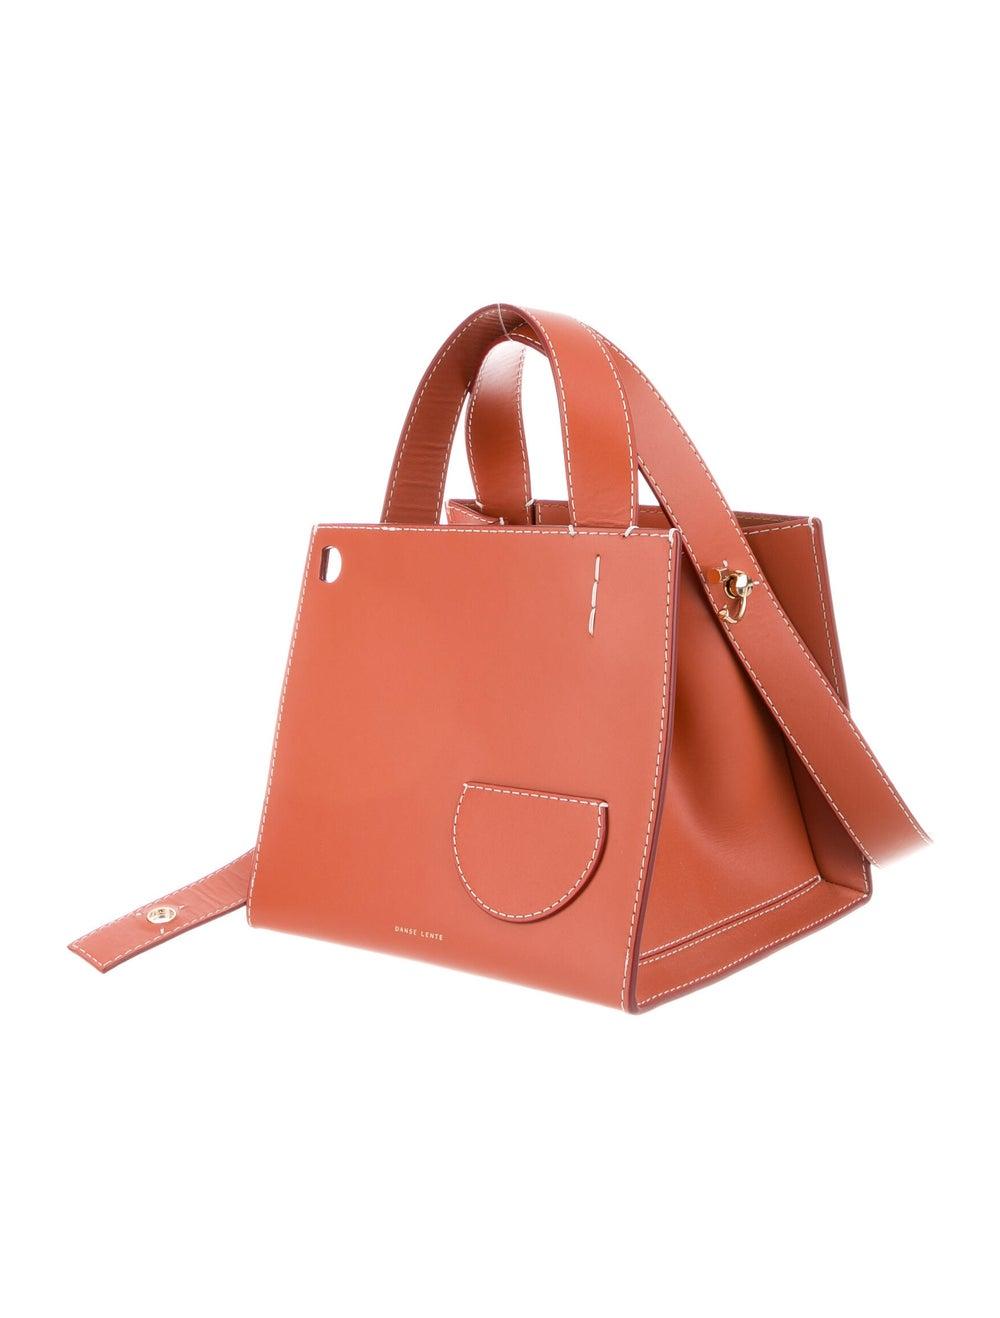 Danse Lente Leather Shoulder Bag Orange - image 3